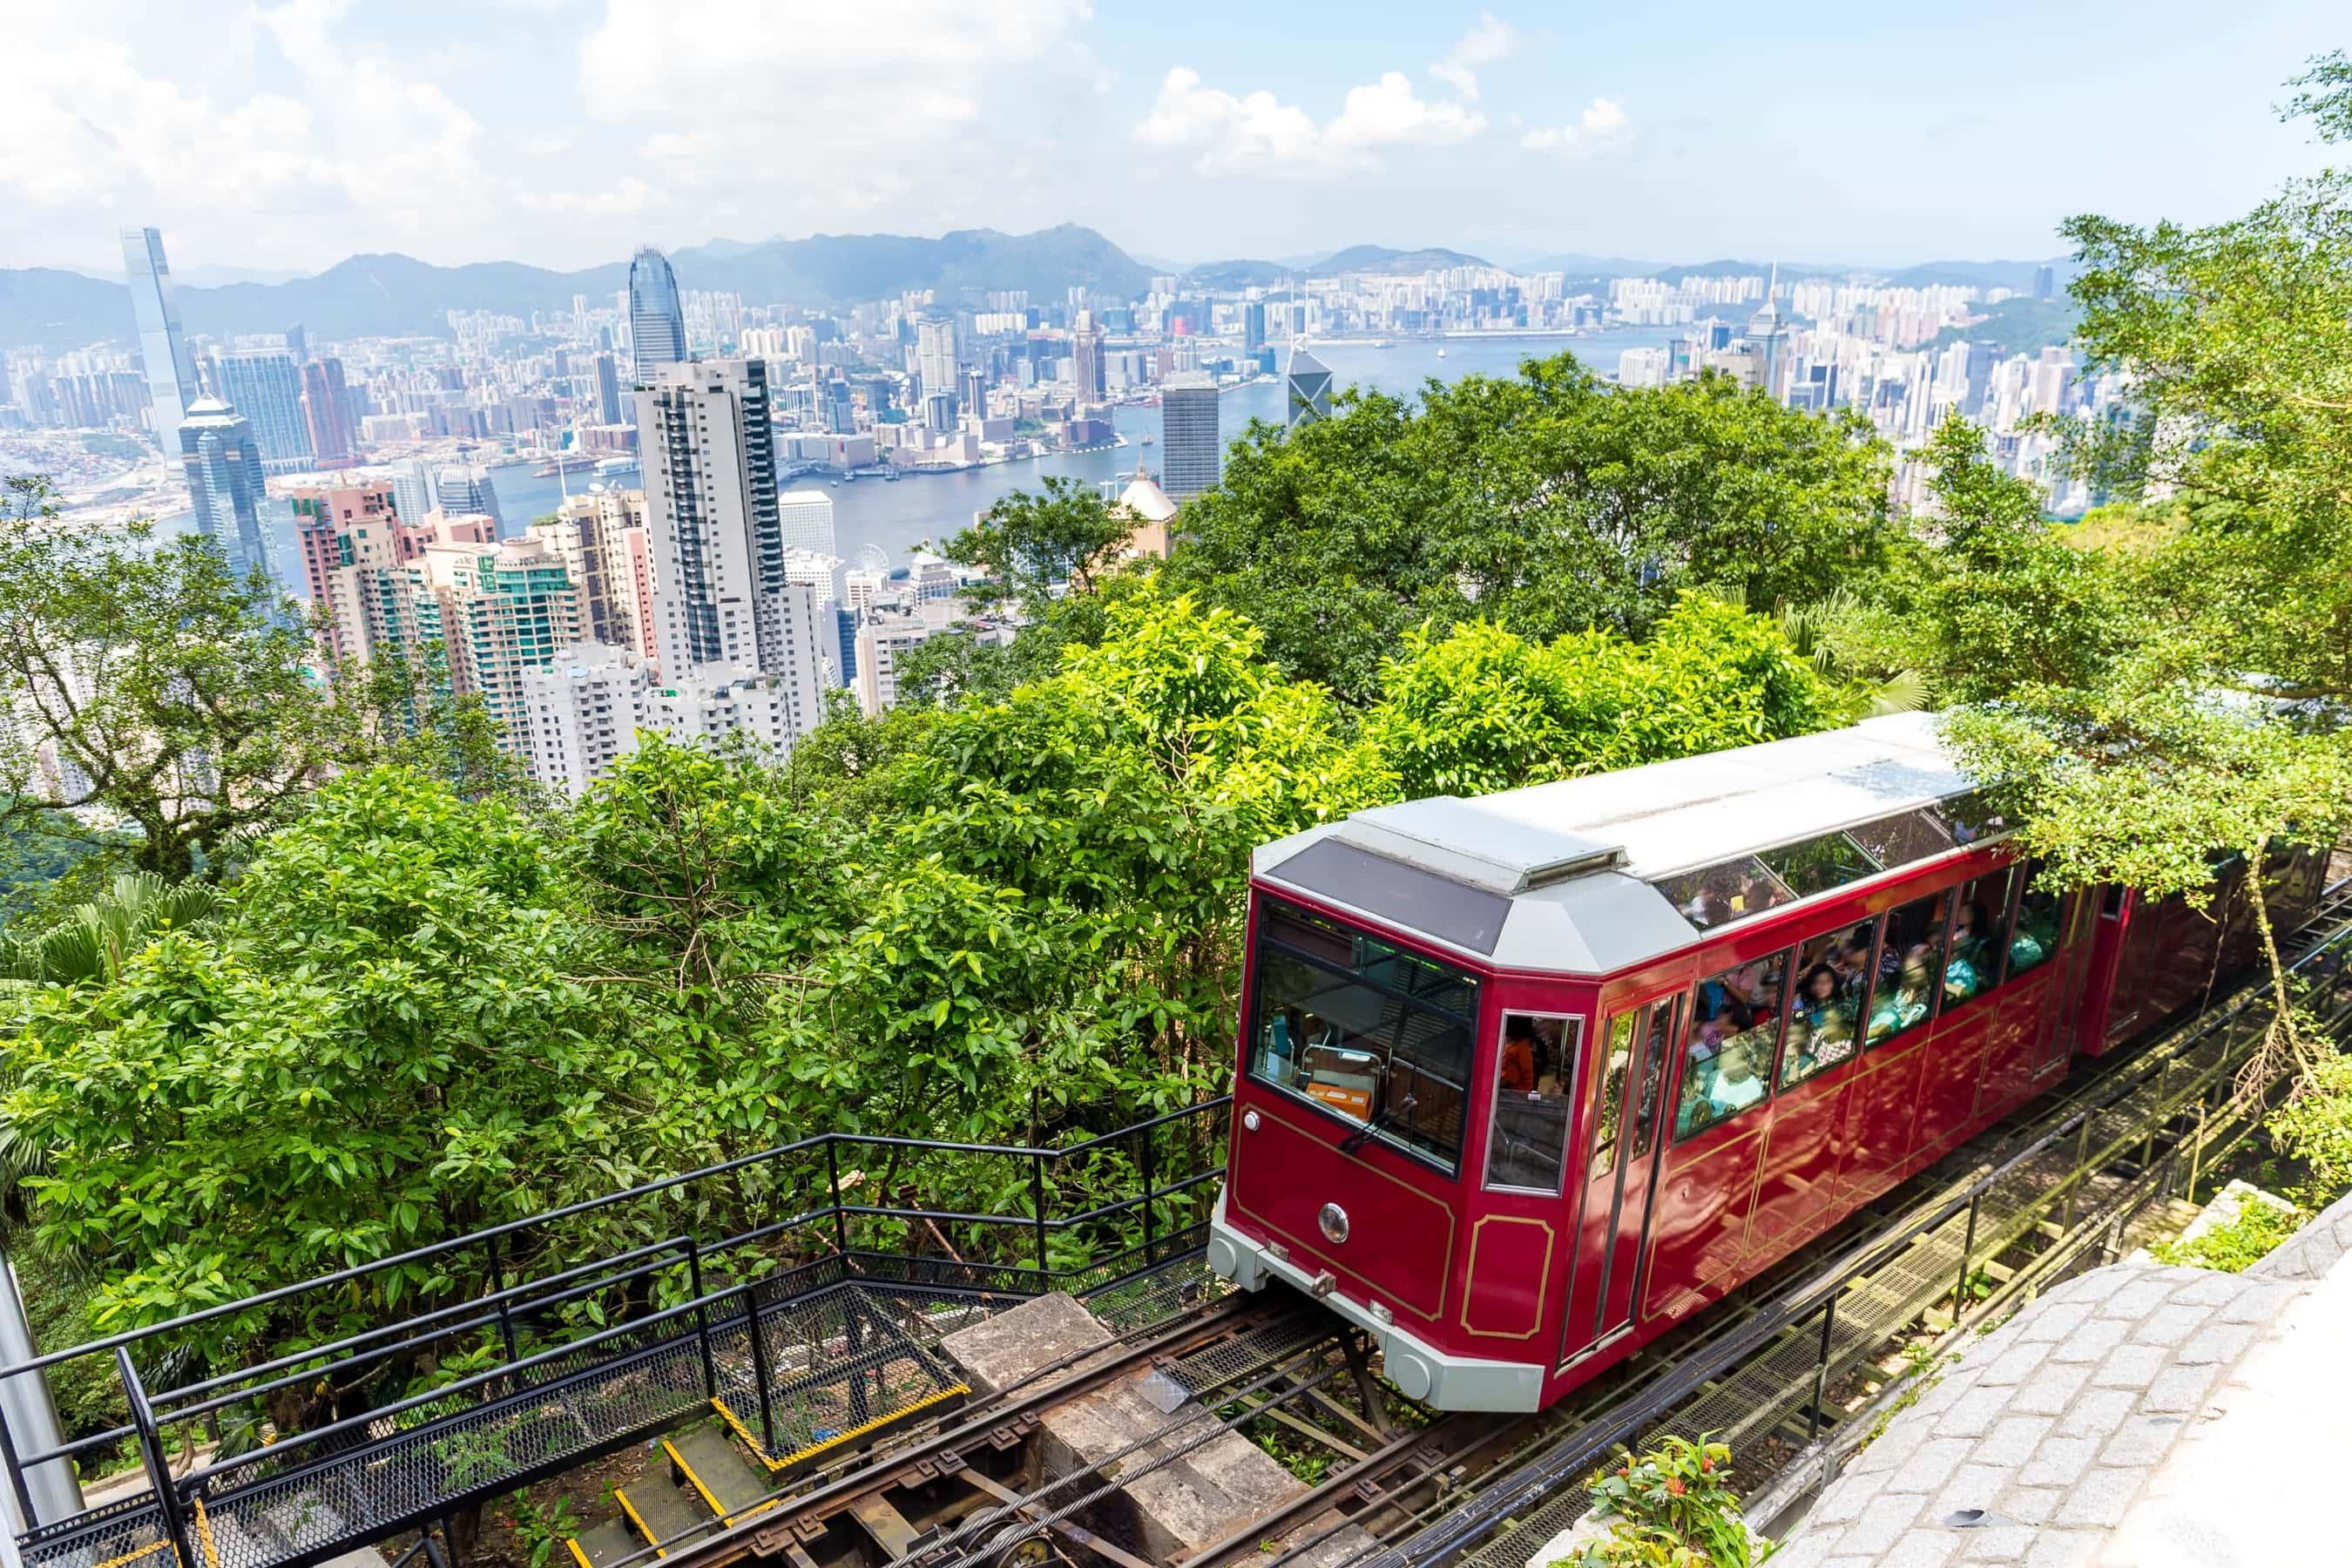 Hongkong Victoria Peak Tram